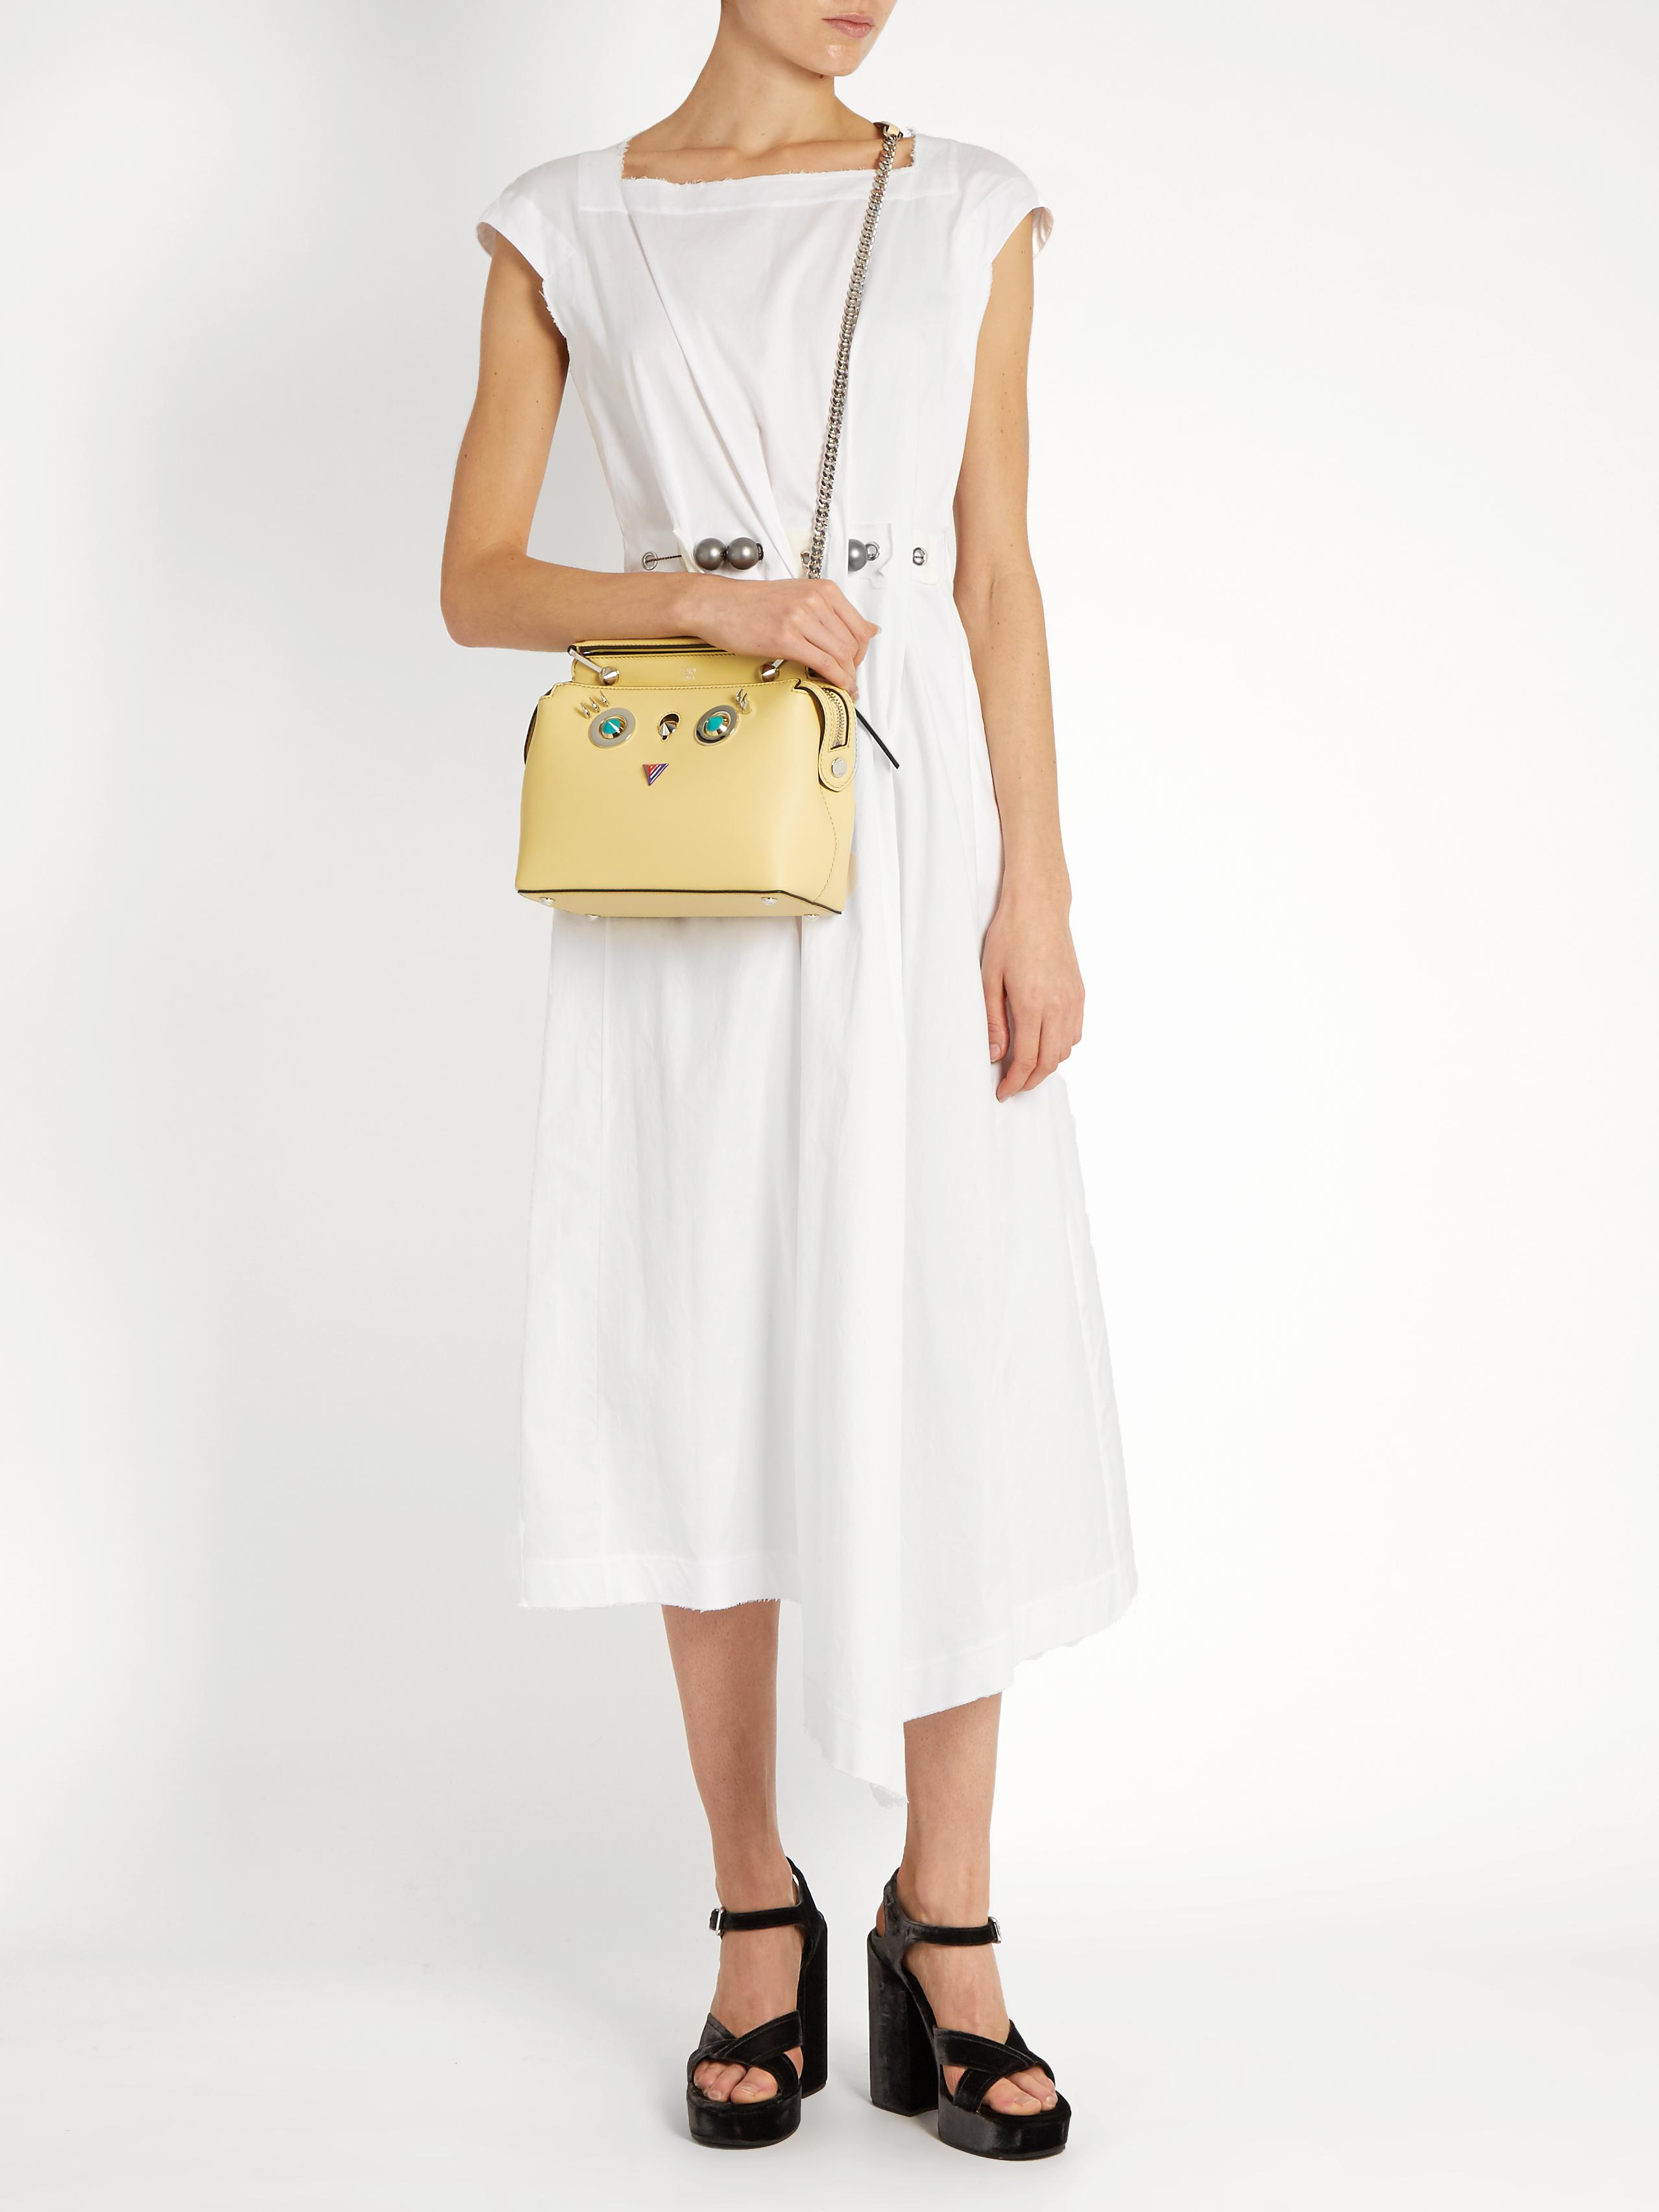 Fendi Dotcom Small Hypnoteyes Leather Cross-body Bag - Lyst 85a765887c64a